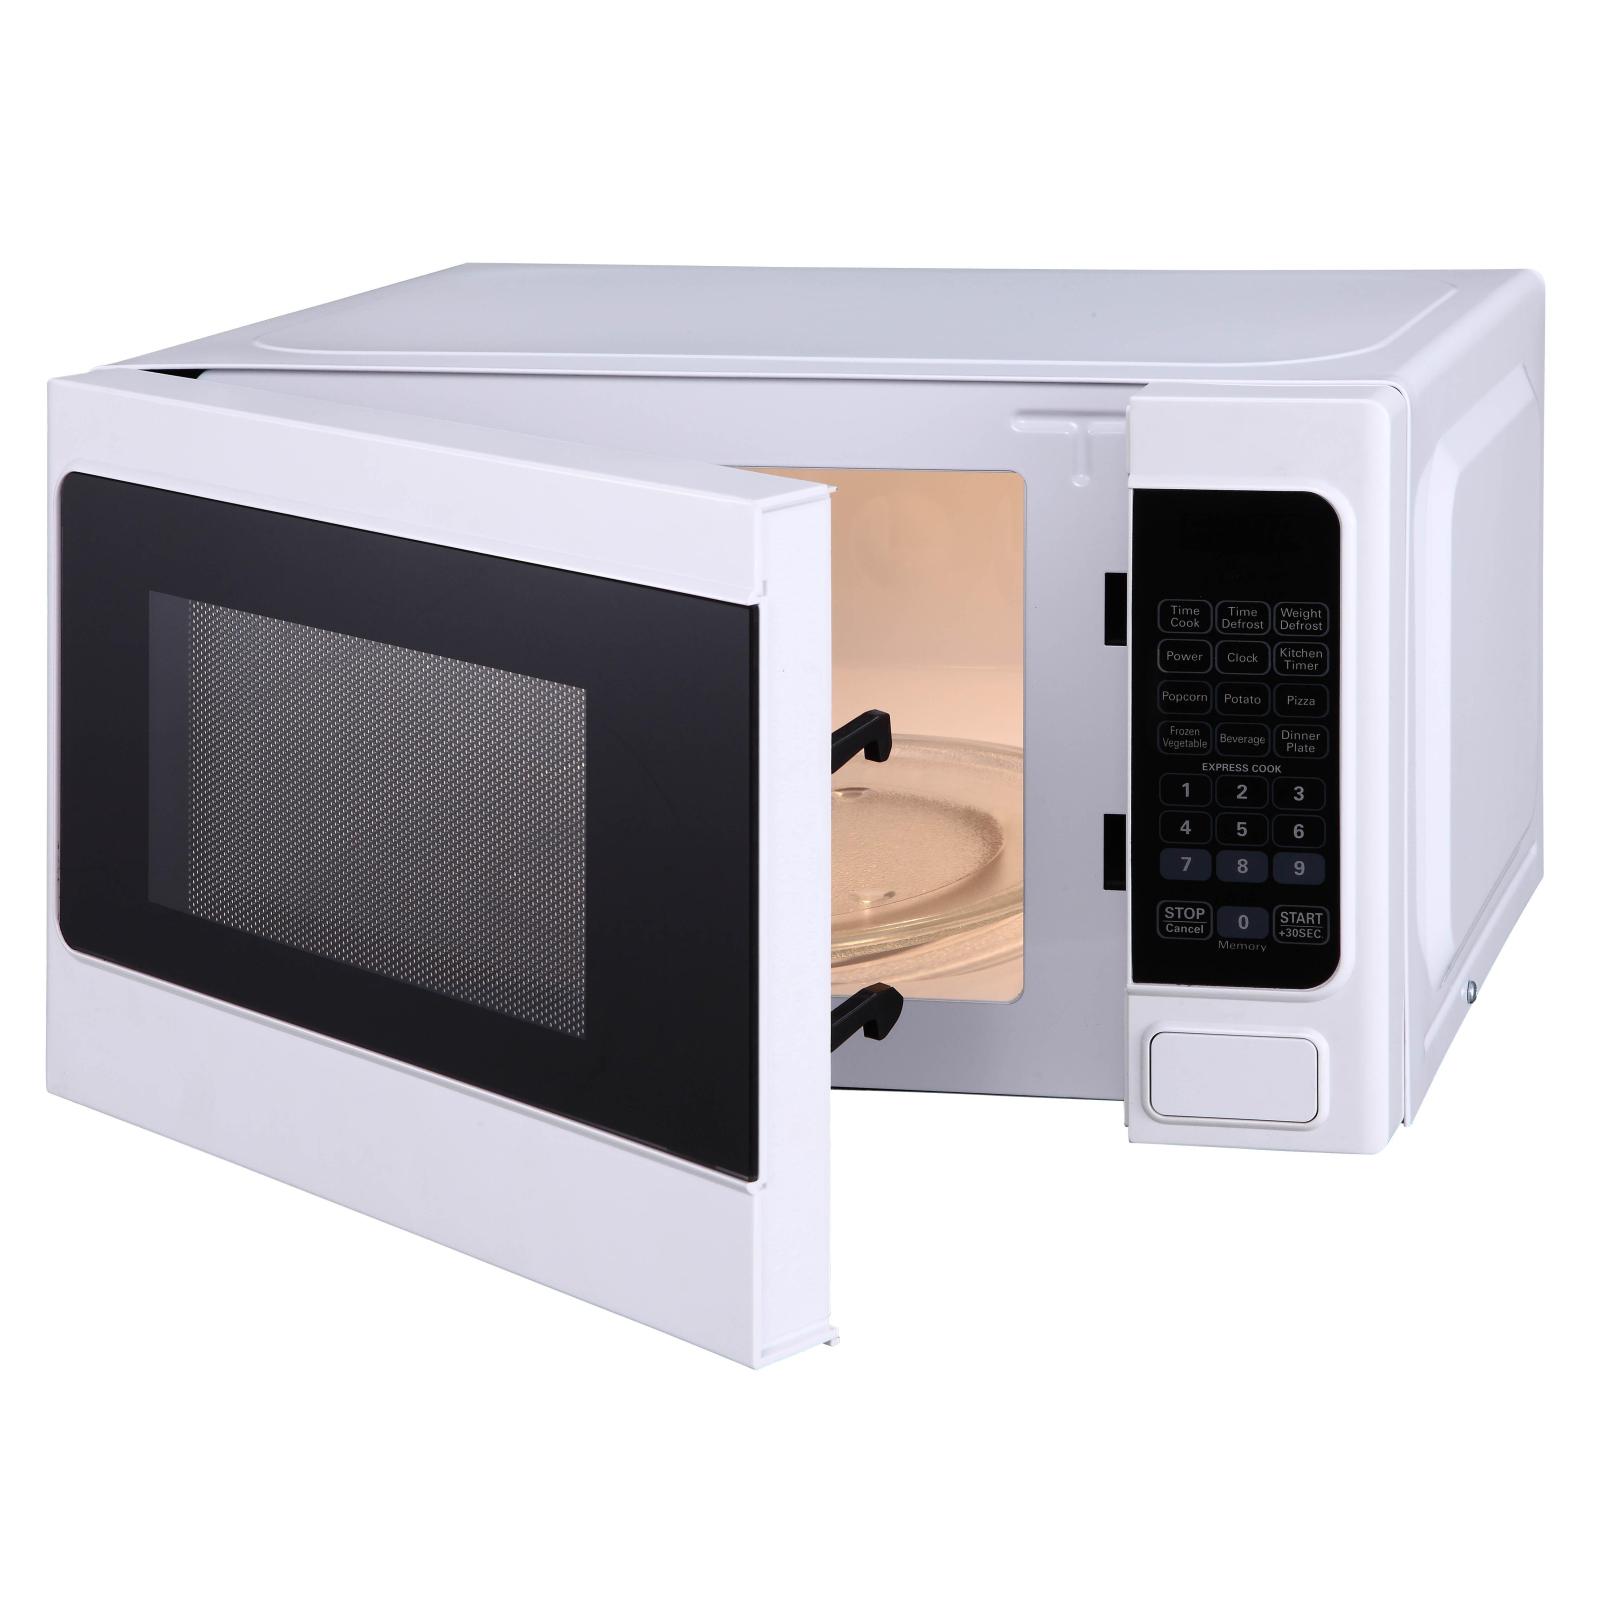 Микроволновая печь Midea EM820CAA-W изображение 3